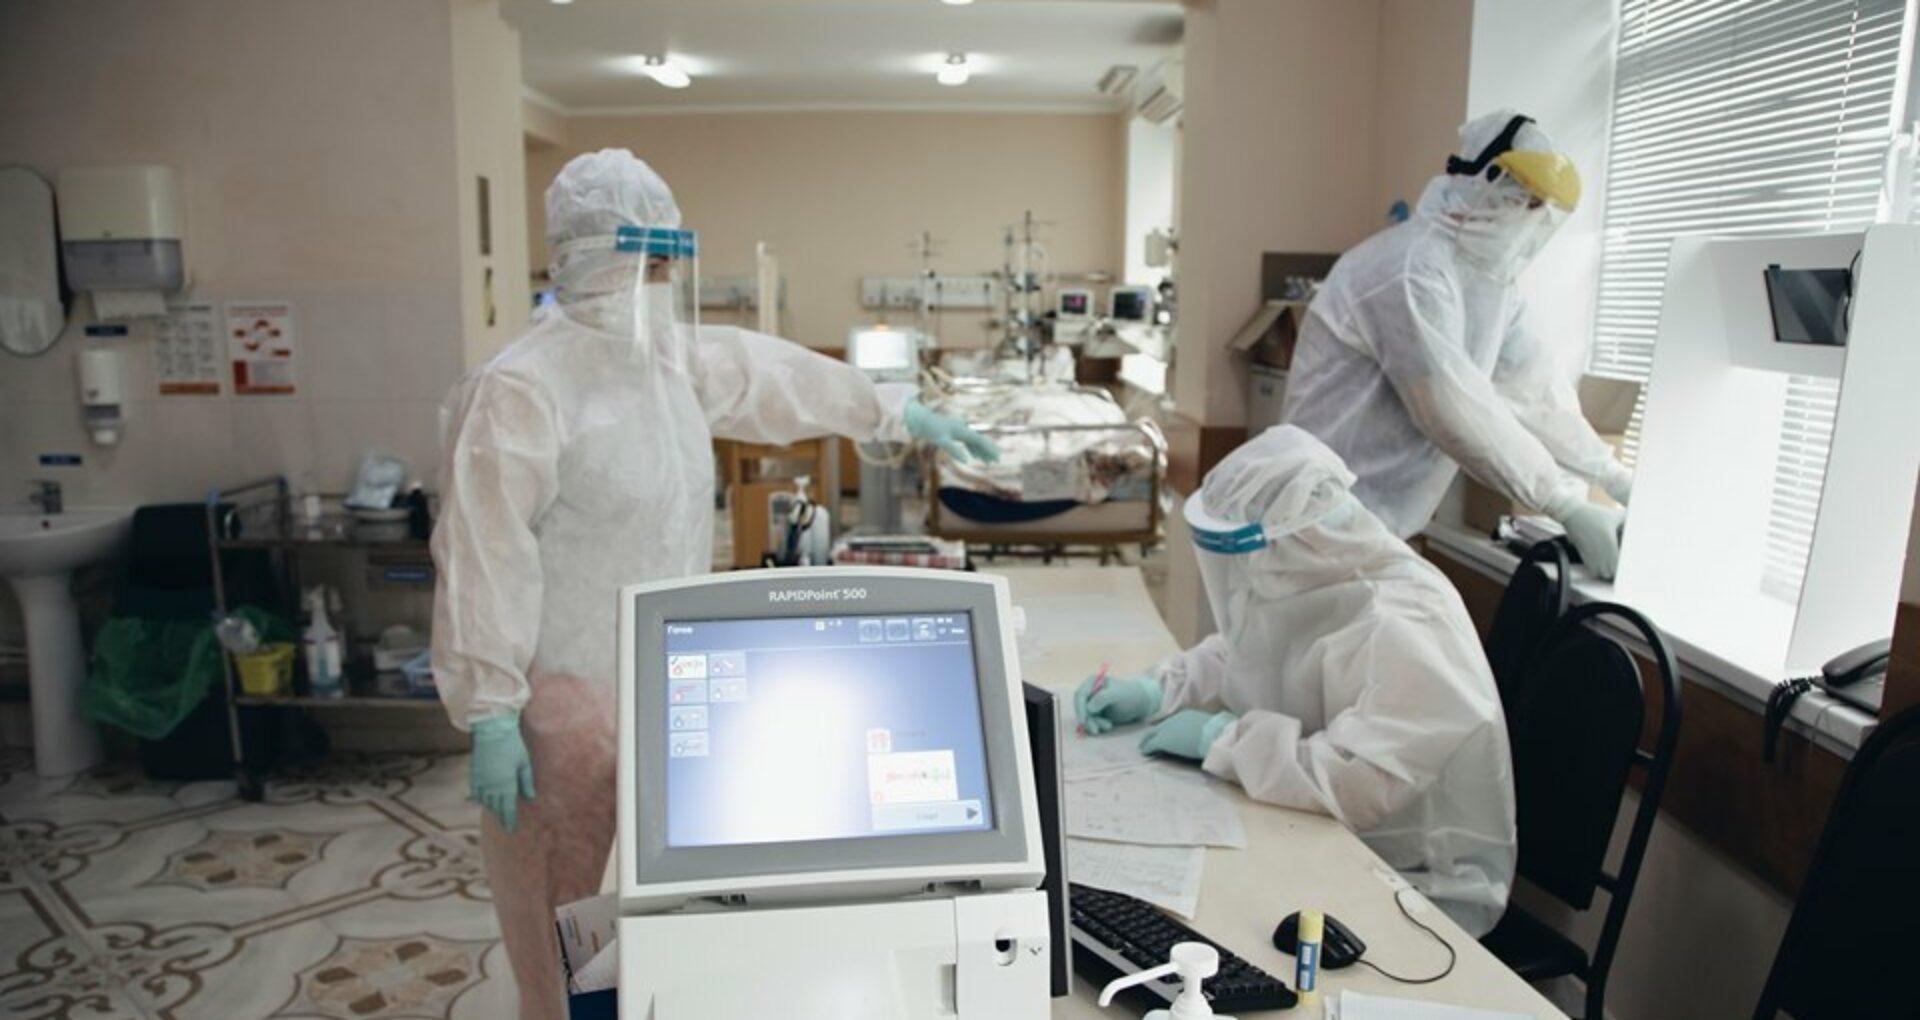 DOC/ Guvernul alocă din fondul de intervenție peste 41 milioane de lei pentru plata indemnizației de 16 mii de lei pentru medici și nu numai